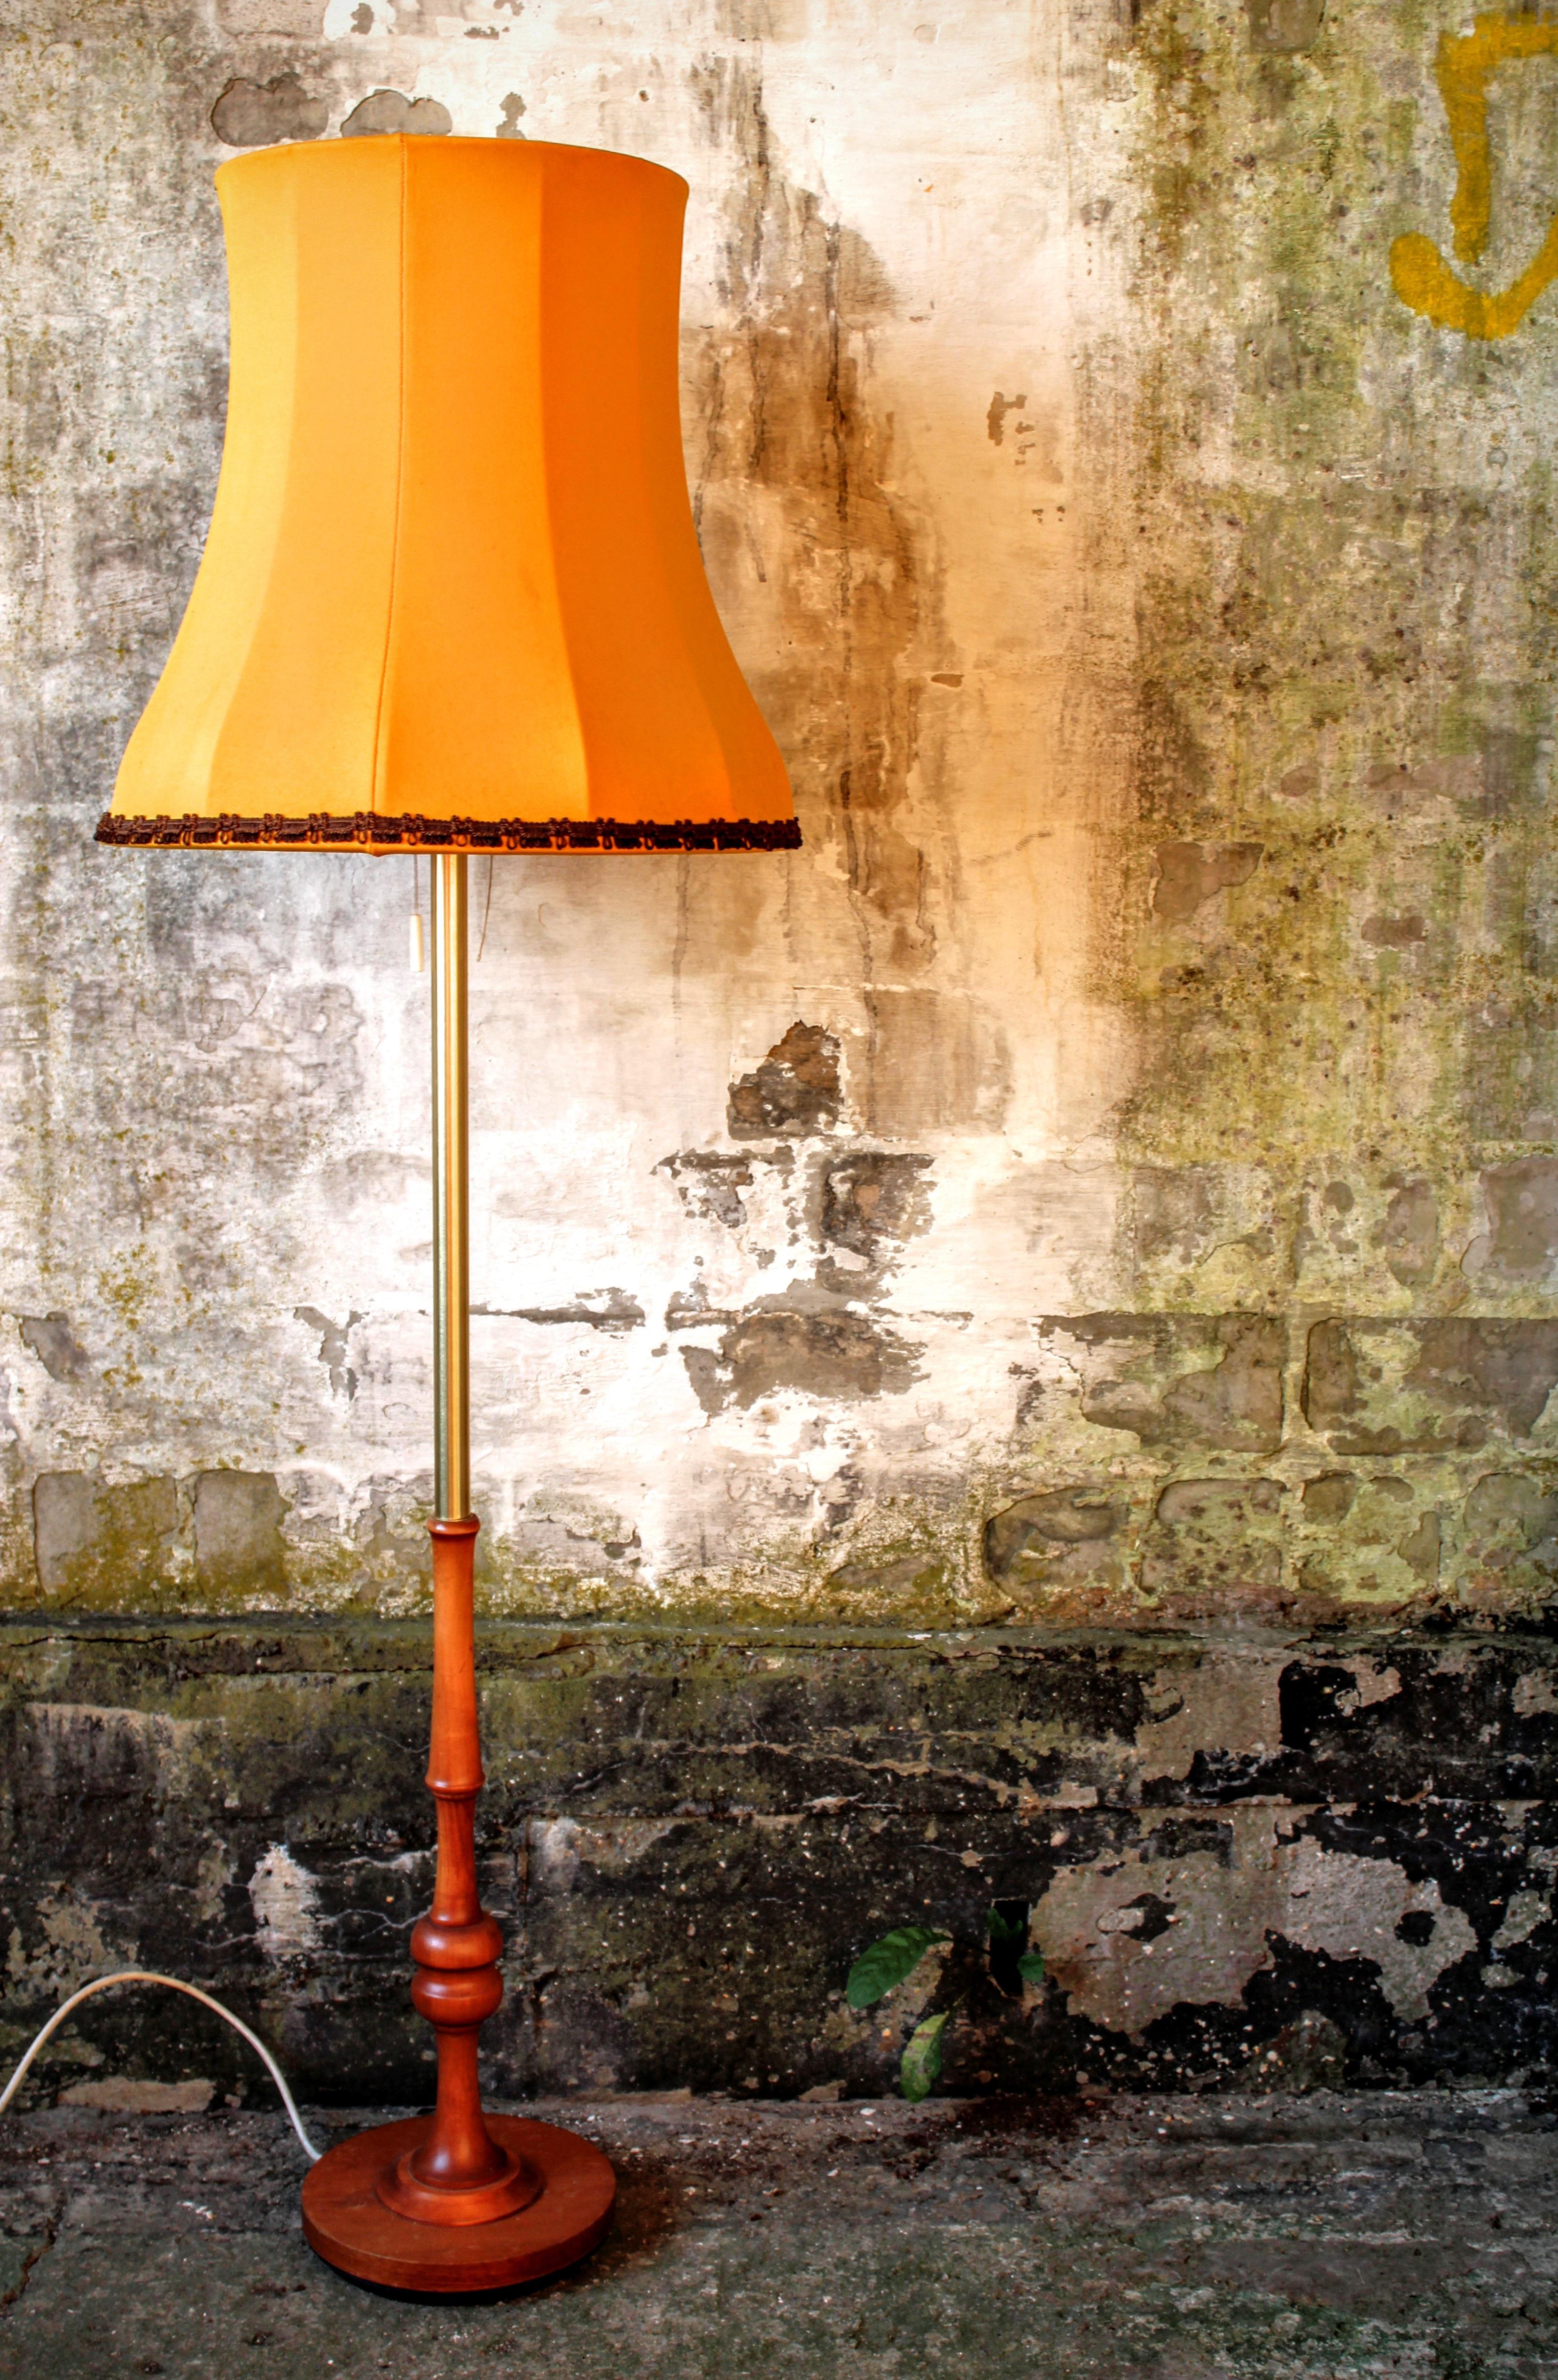 Gratis Afbeeldingen : hout, retro, oud, muur, kleur, woonkamer, lamp ...